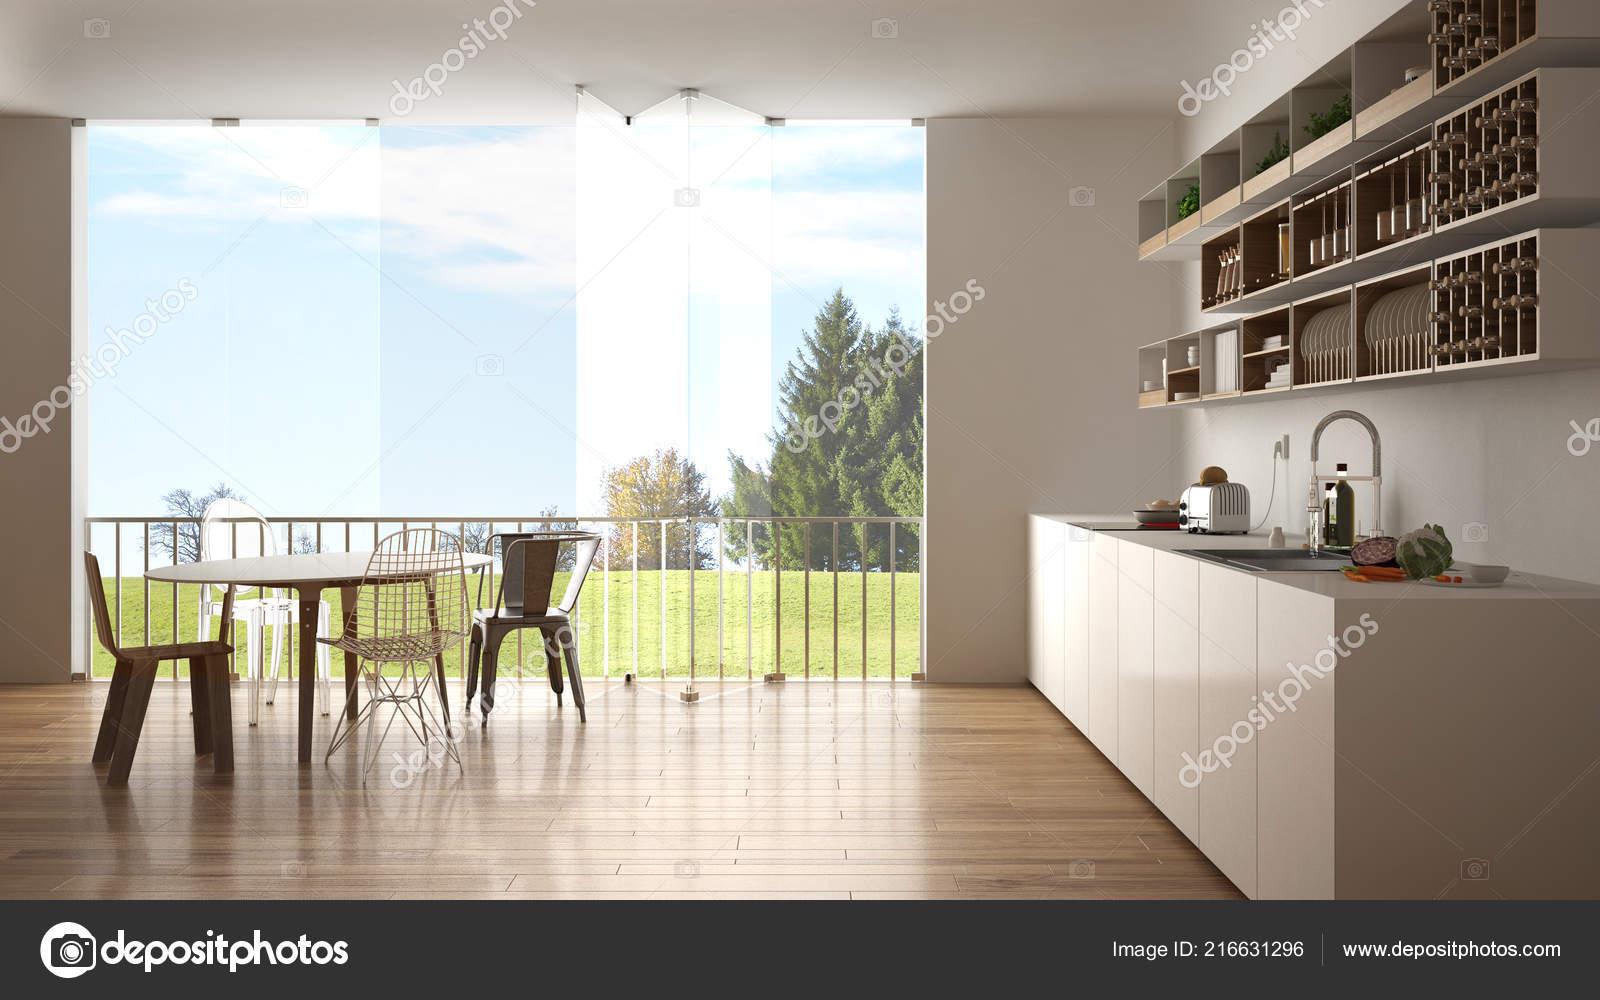 Minimaliste Blanche Bois Cuisine Avec Table Manger Grande Fenêtre